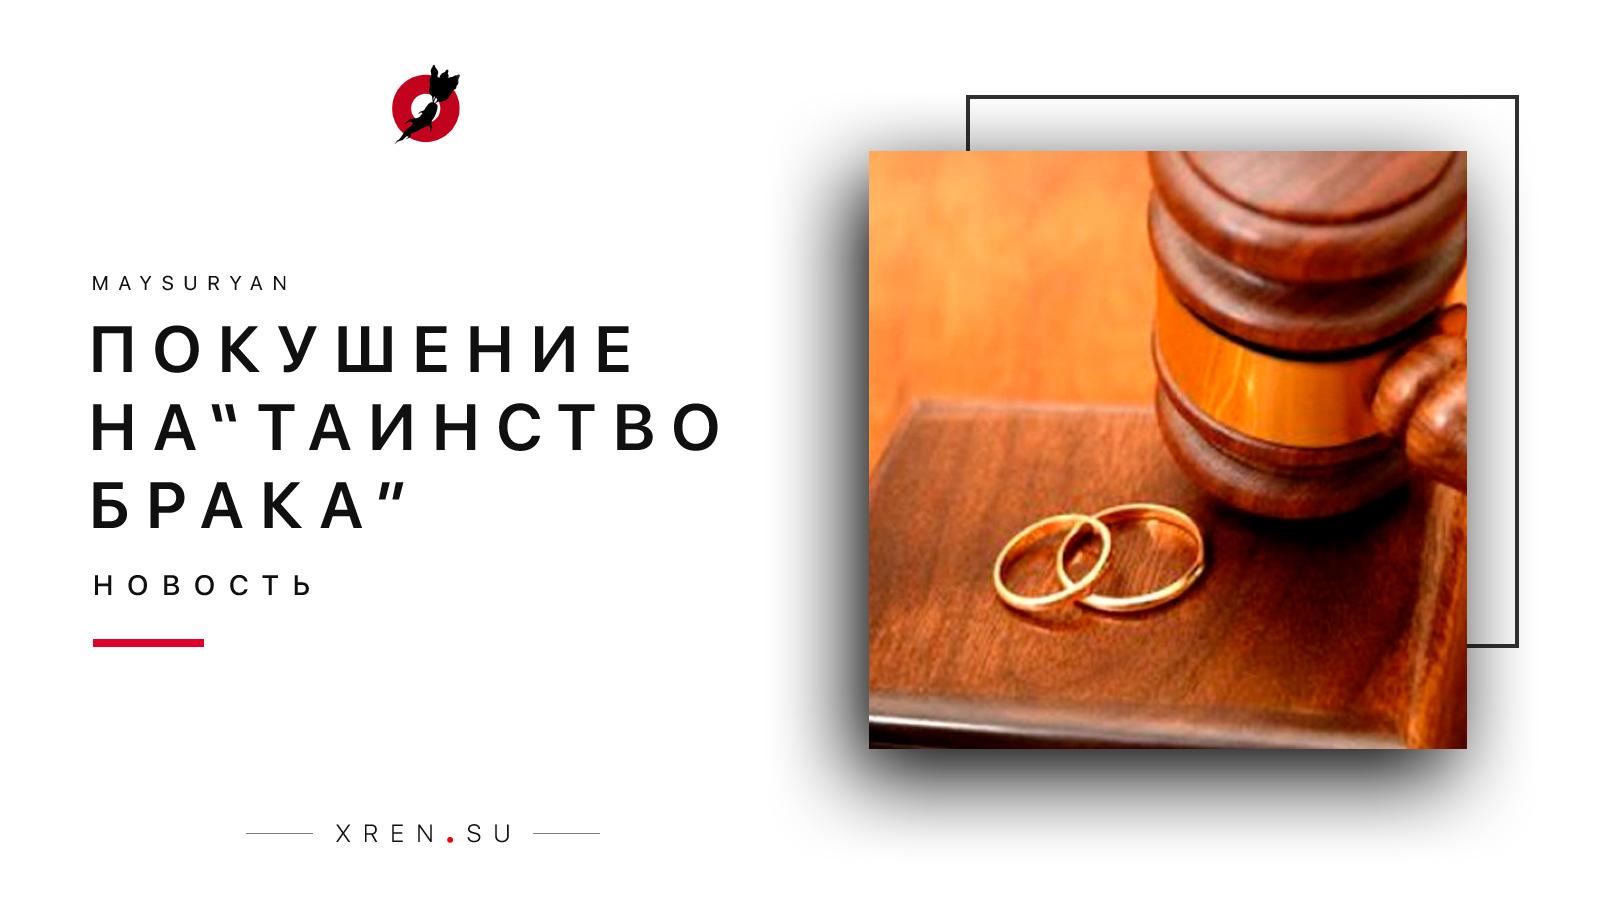 Покушение на «таинство брака»